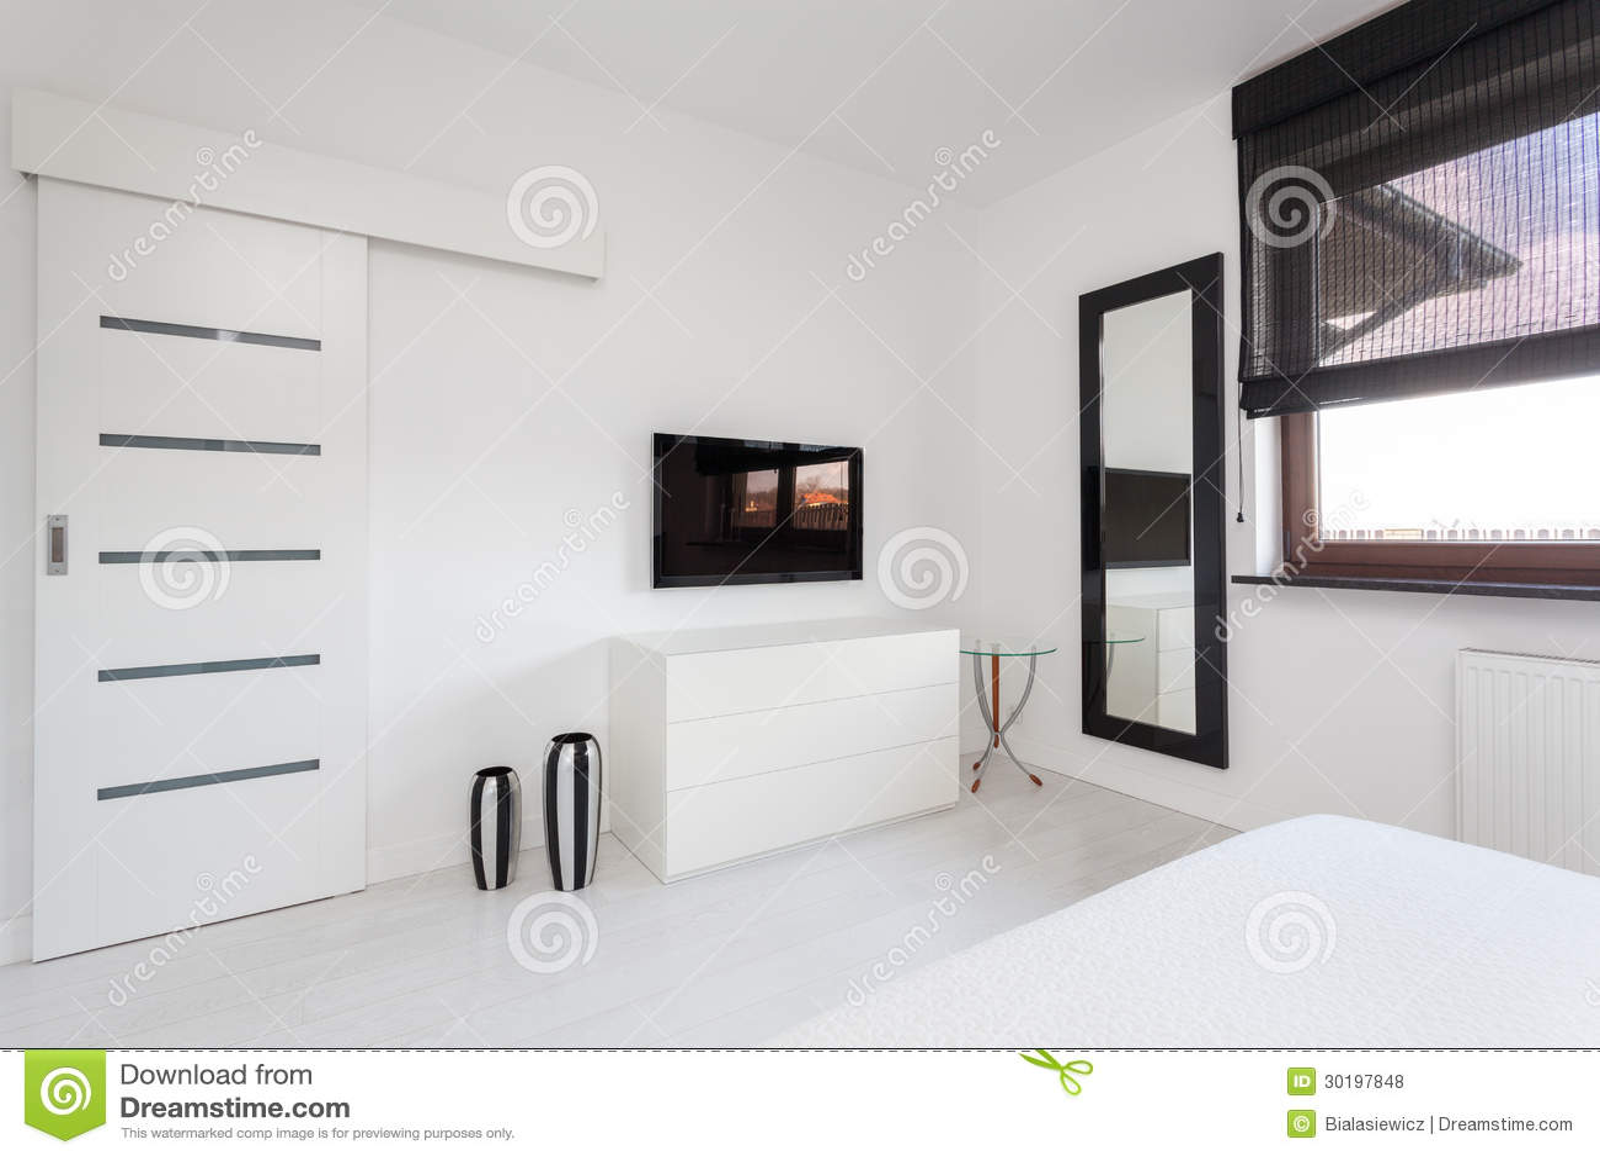 Cottage Vibrant Meubles De Chambre Coucher Photo Stock Image  # Meuble Pour Tv Dans Une Chambre A Couche